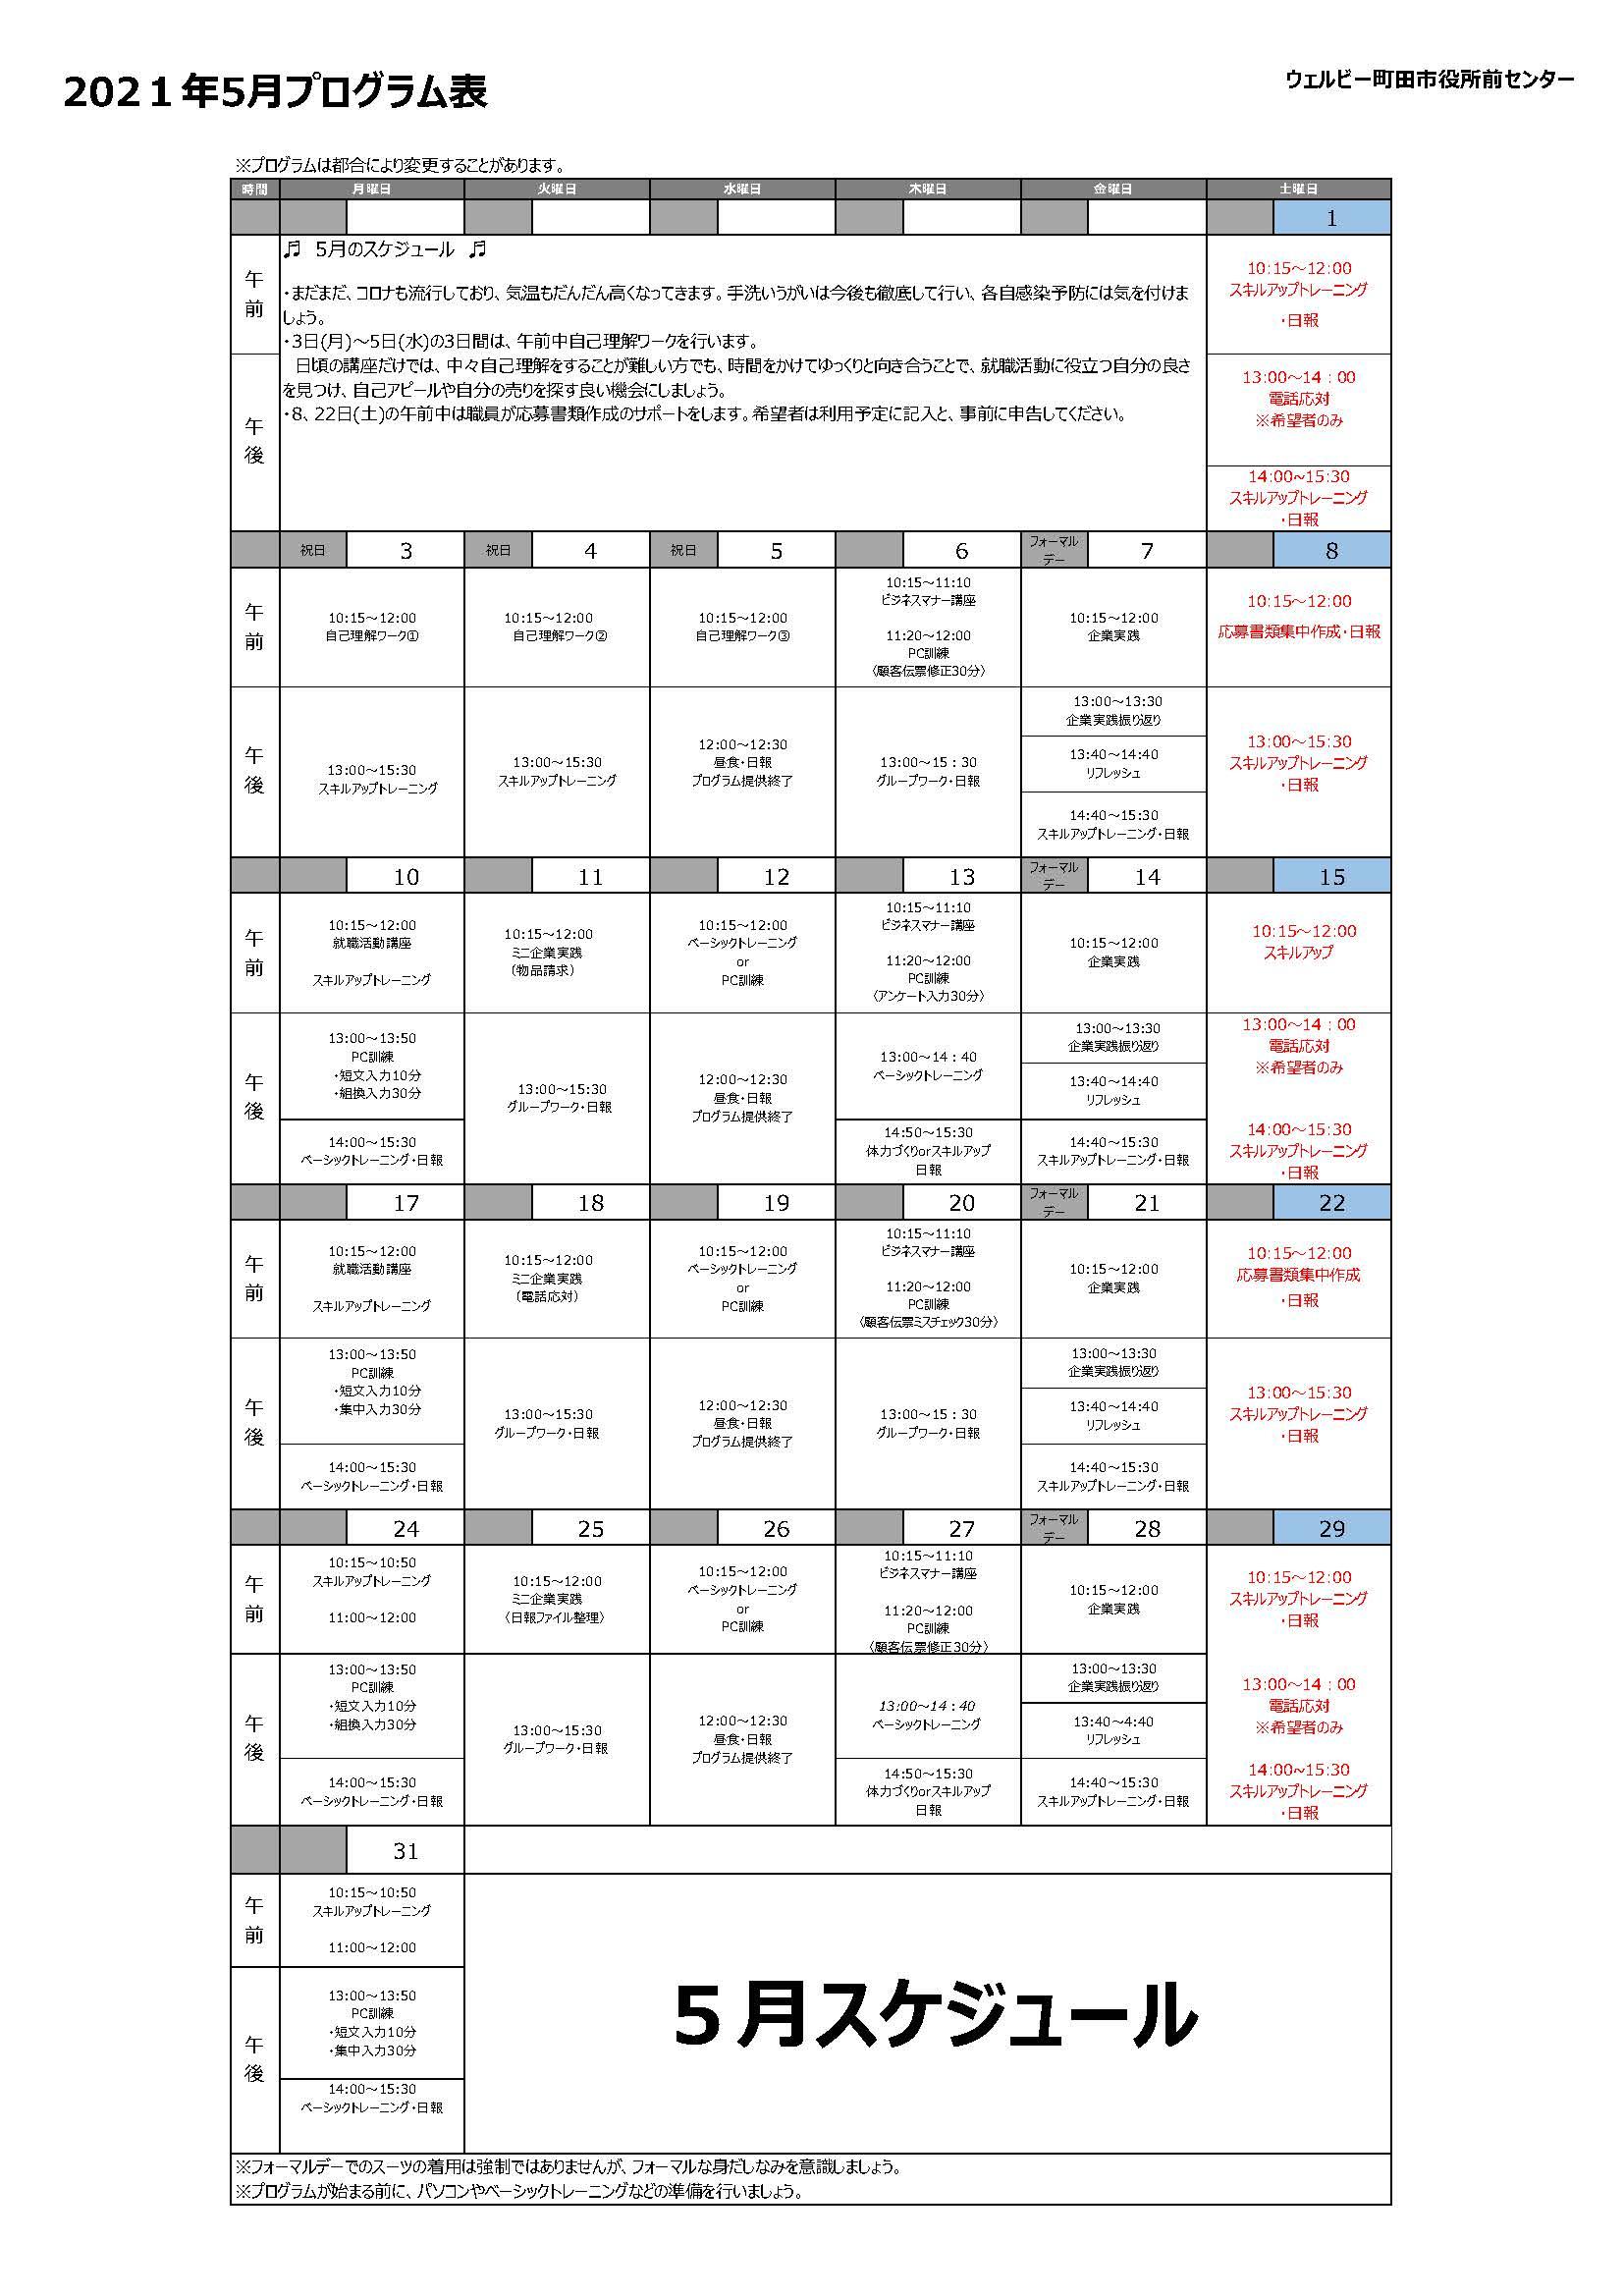 町田市役所前センター5月+プログラム表